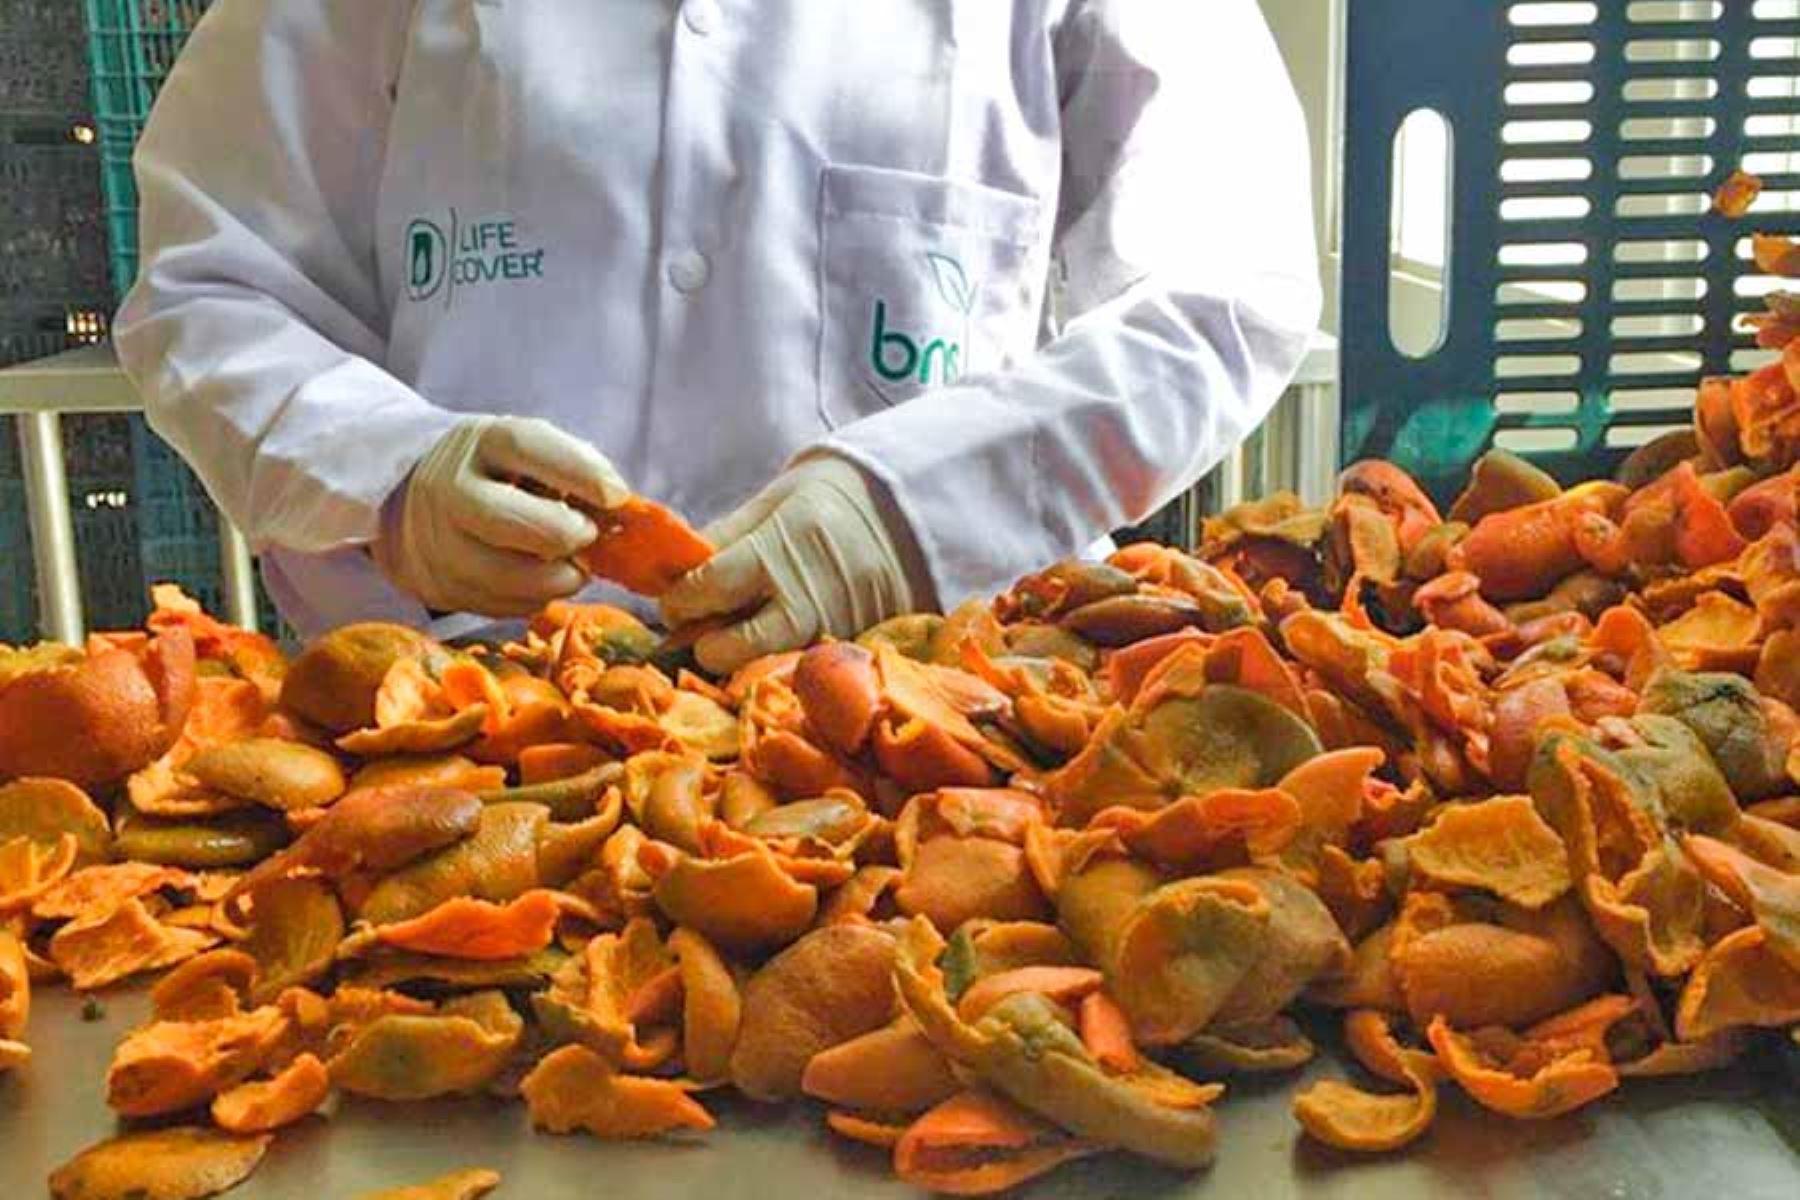 Actualmente, las frutas que más emplean para el desarrollo de los conservantes y desinfectantes son: mandarina, palta, naranja y mango.